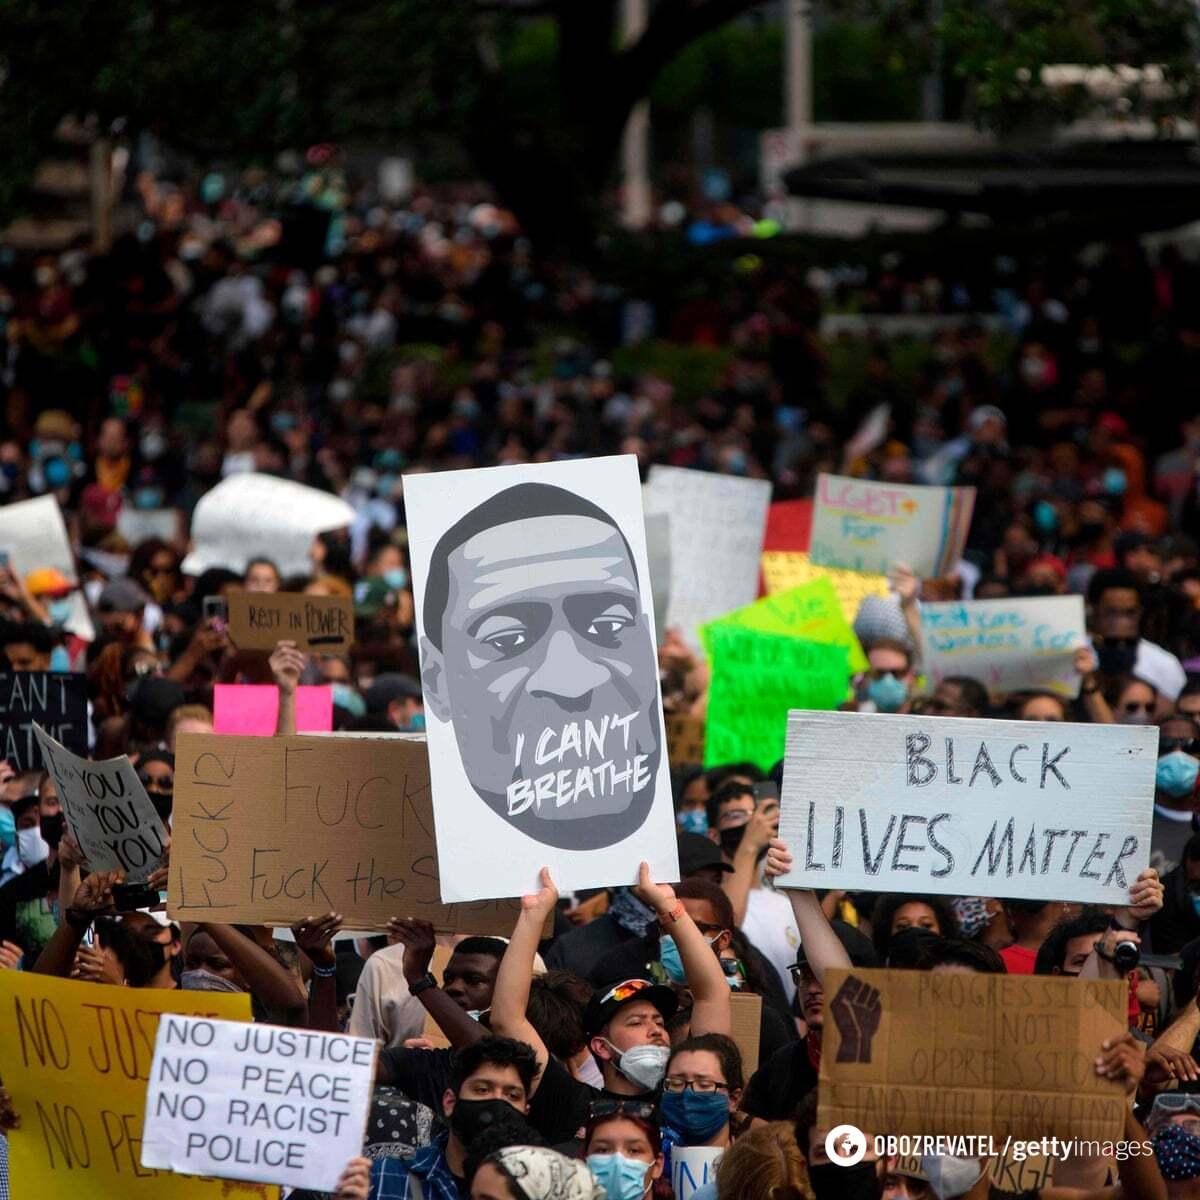 Протесты из-за смерти Джорджа Флойда